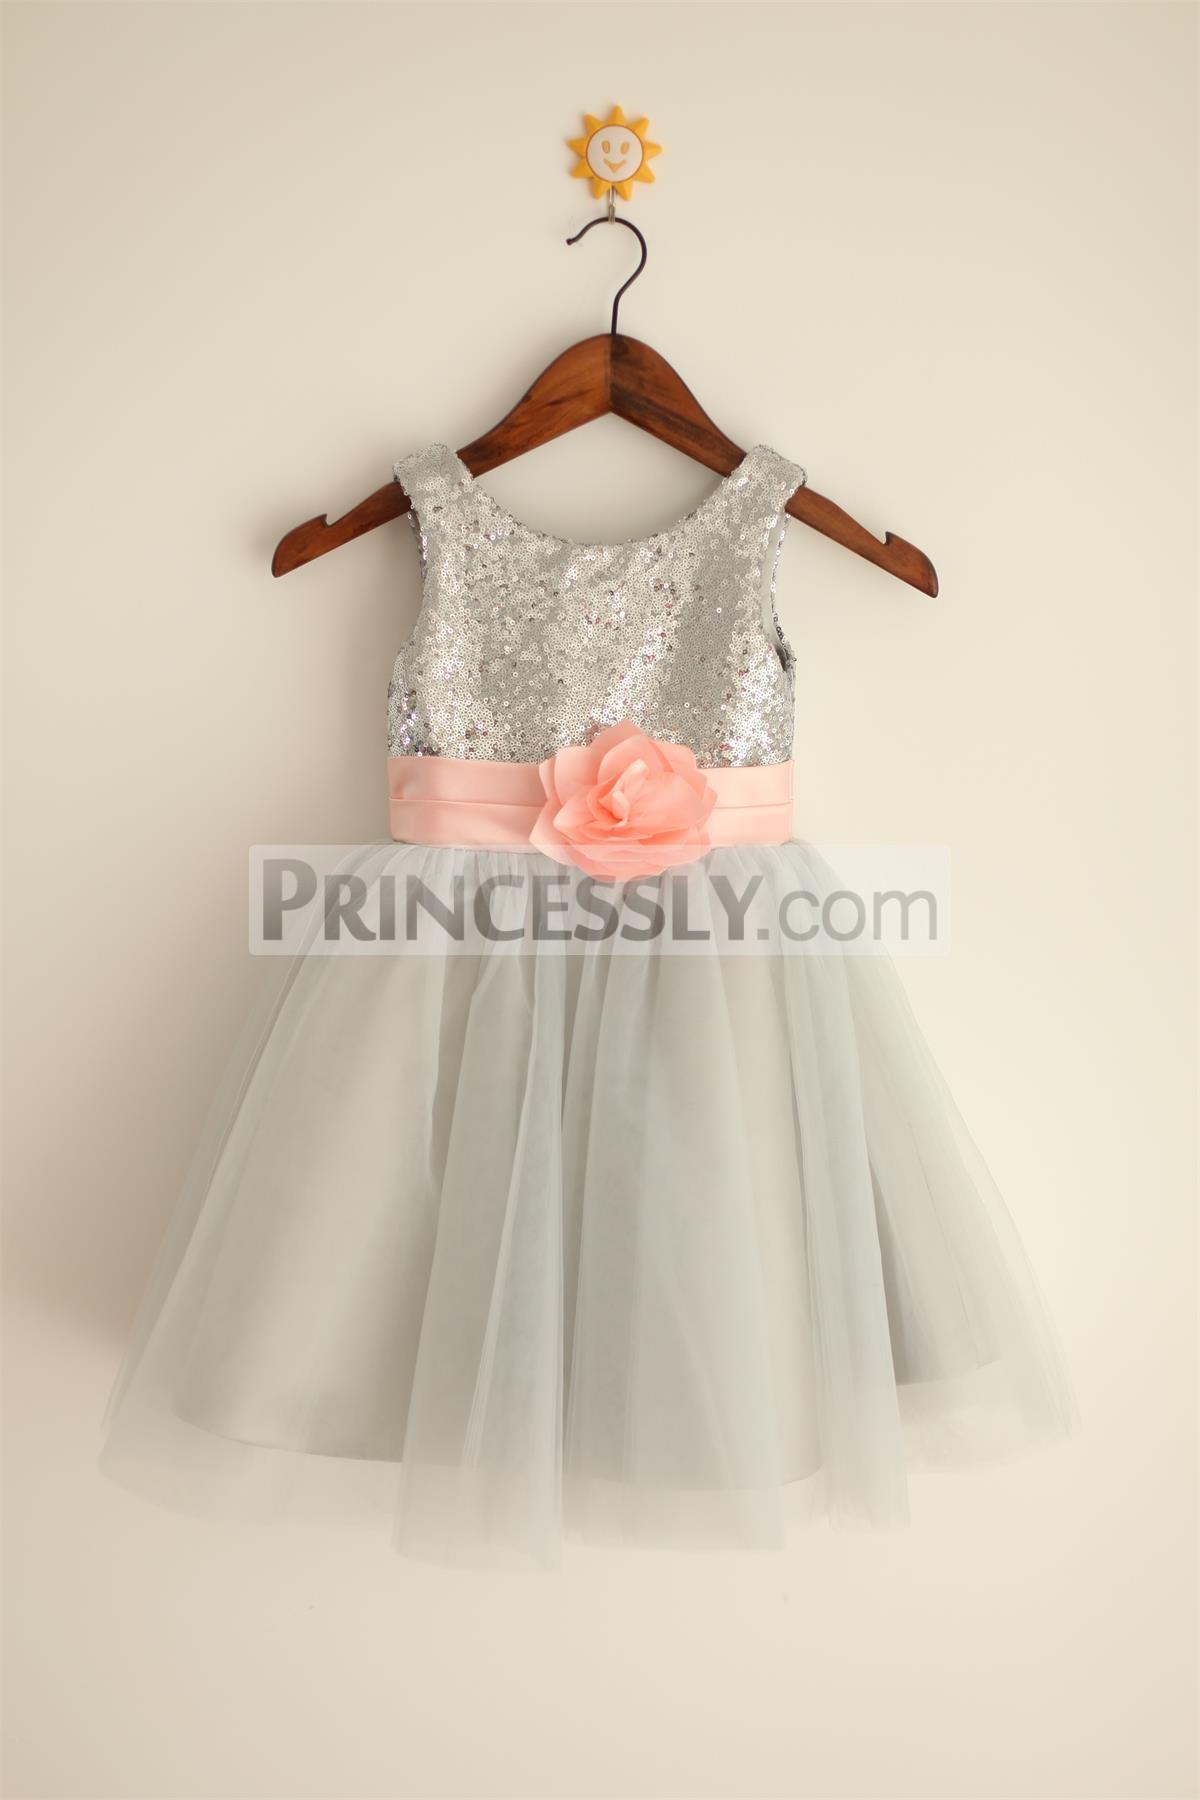 Princessly.com-K1000023-Silver Grey Sequin Tulle Flower Girl Dress with blush pink belt-31